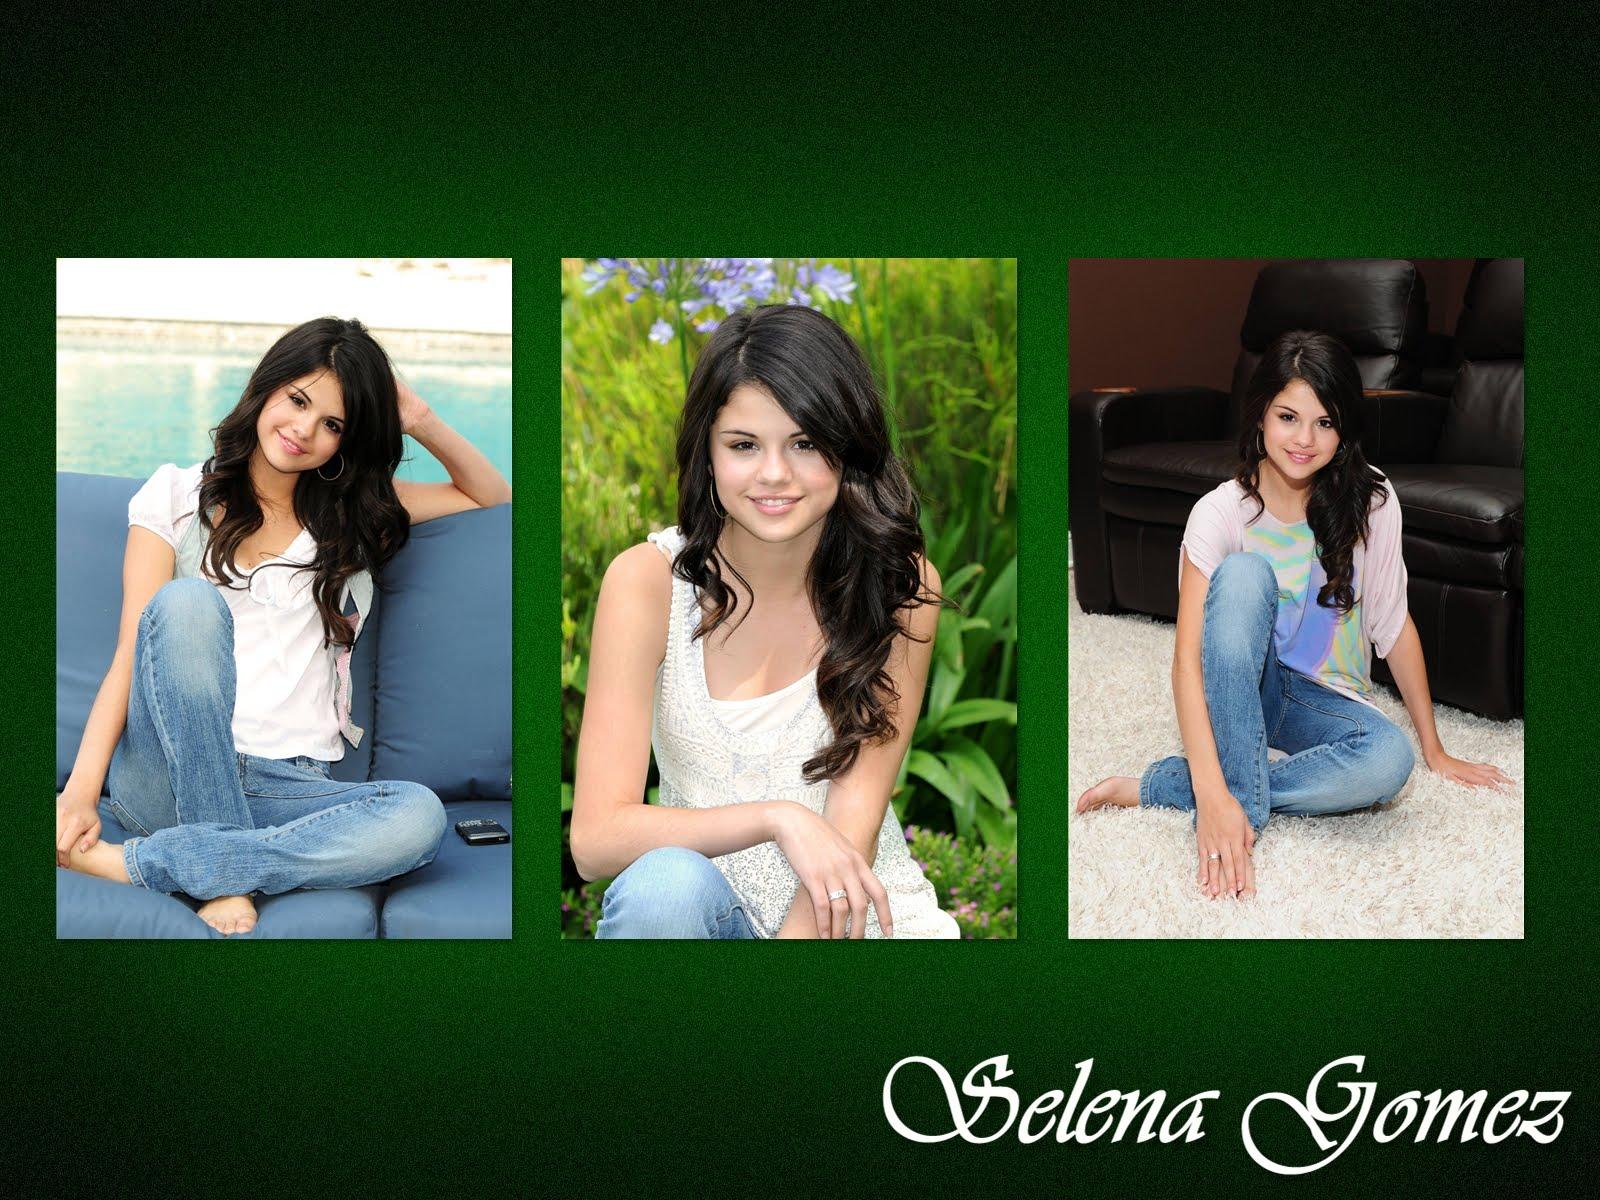 http://2.bp.blogspot.com/-rm7O8df0vlc/TmplD51-F-I/AAAAAAAAGrM/GI2SqQ4jtXI/s1600/selena-gomez-hd-wallpaper-3.jpg